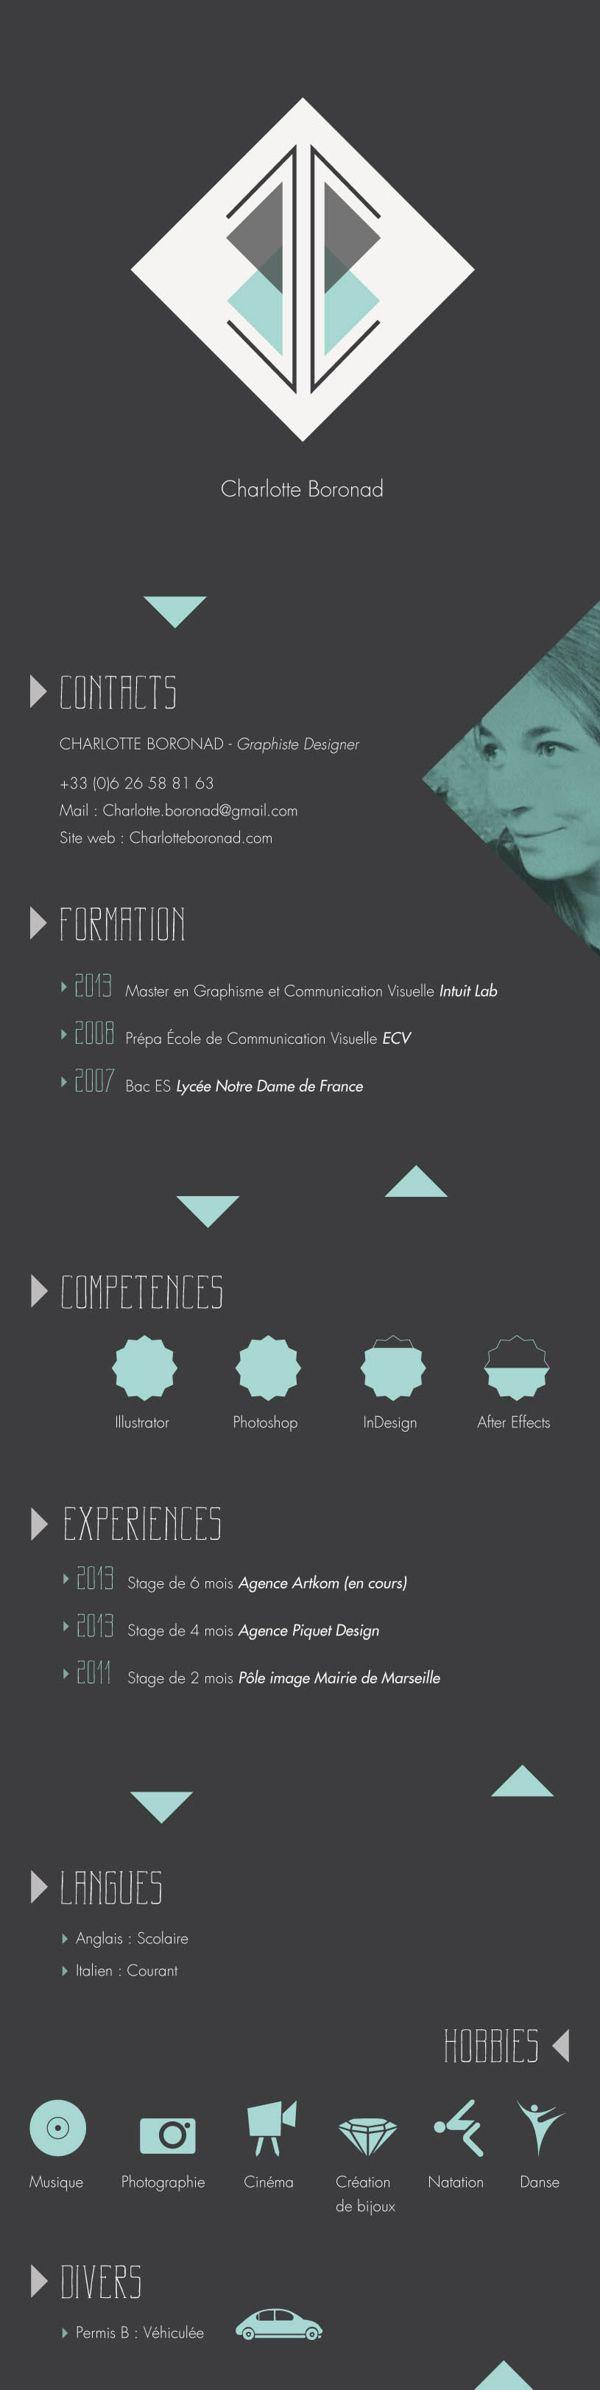 format allongé, identité visuelle et symboles intérêts